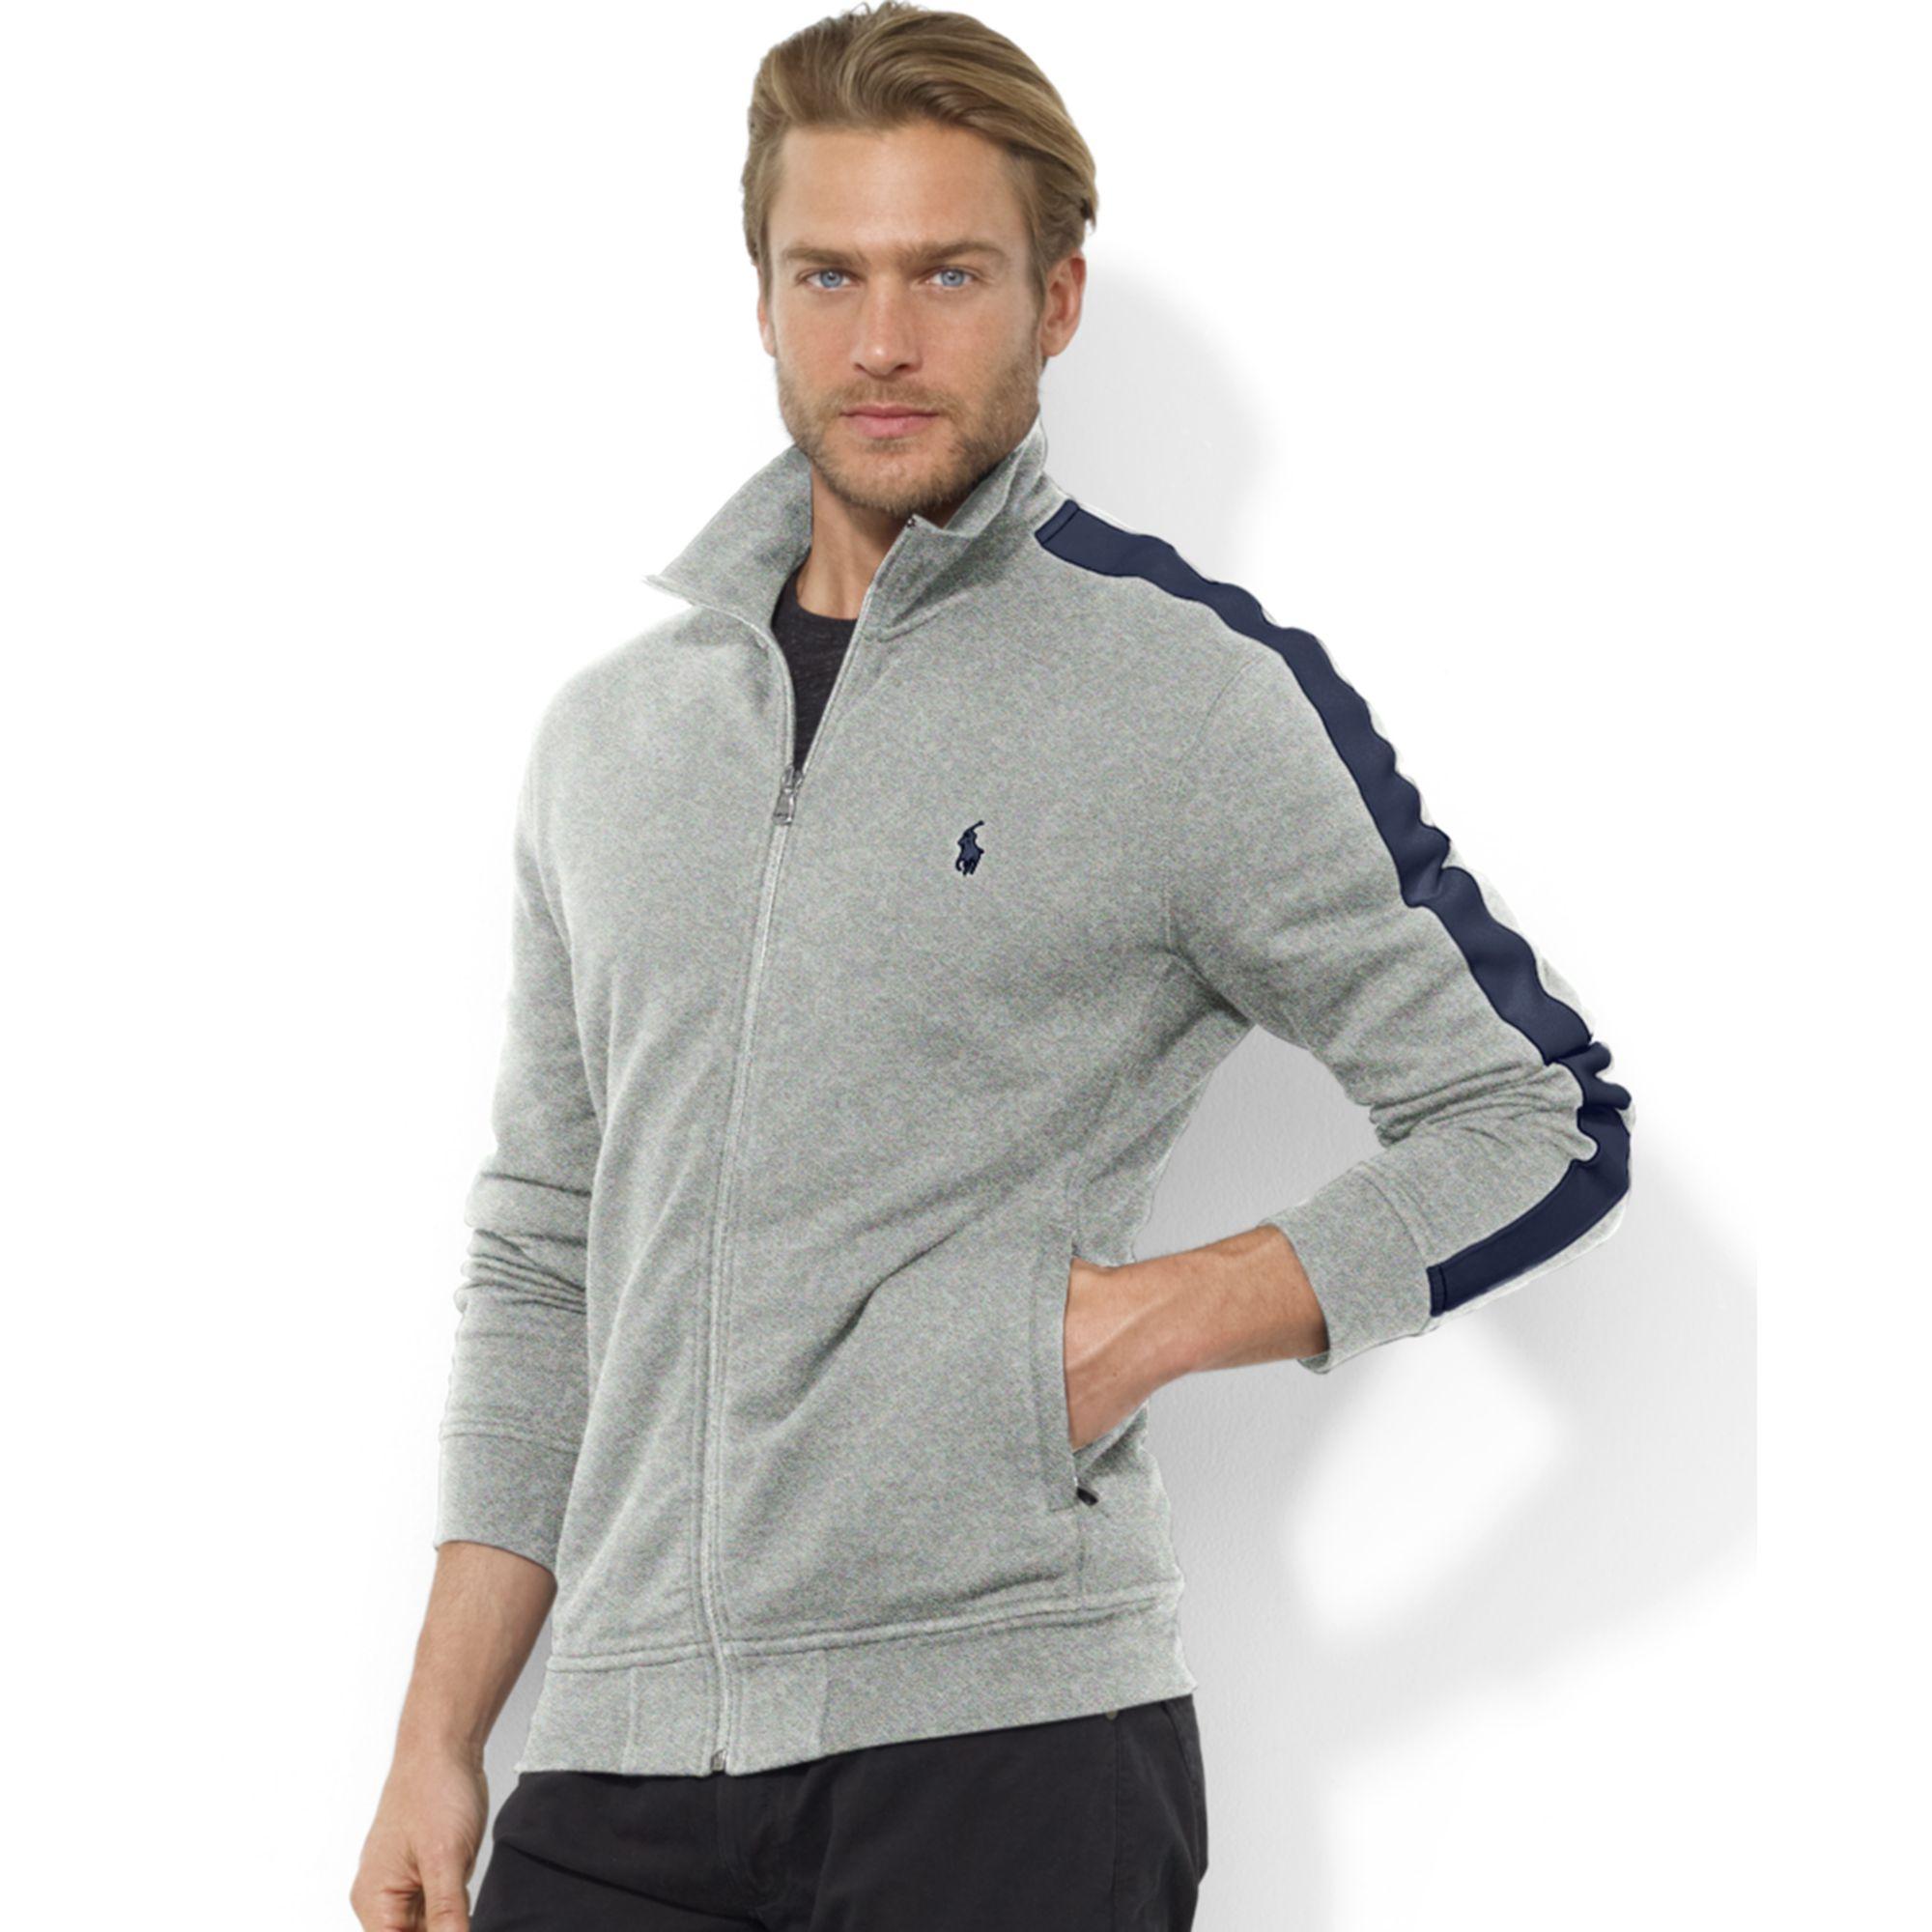 Ralph Lauren Zipfront Mock Neck Fleece Jacket in Black for